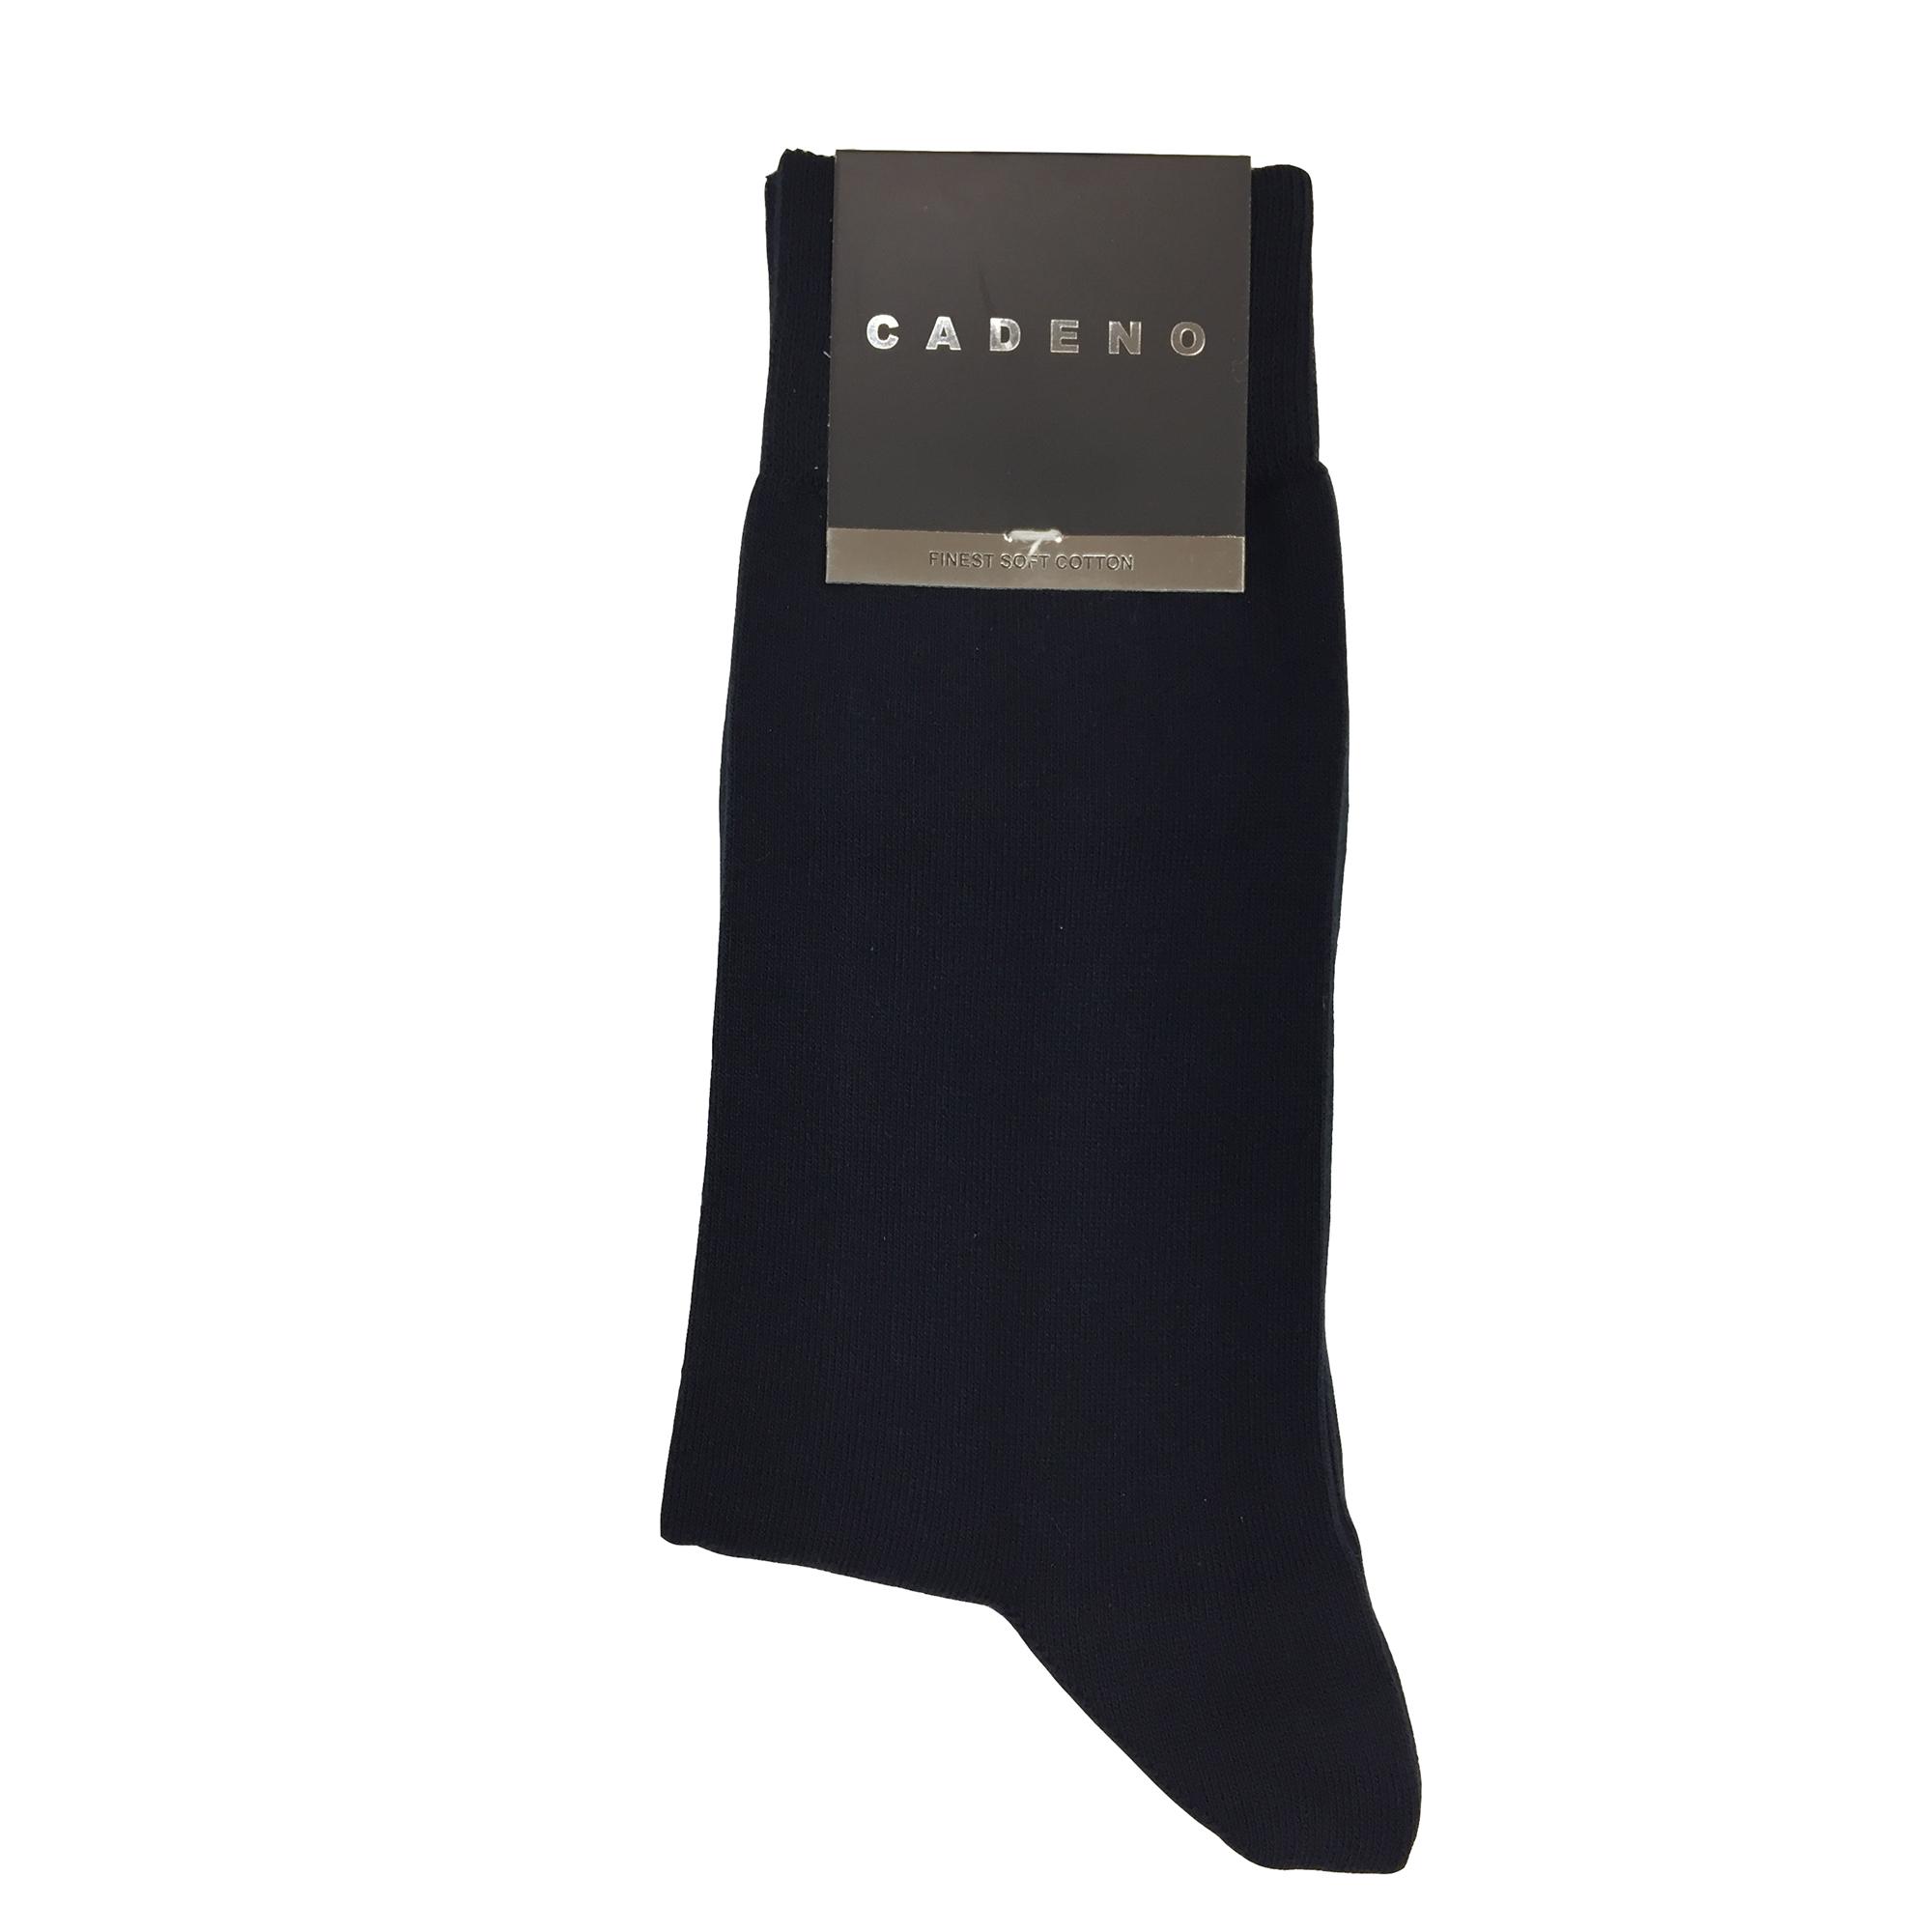 جوراب مردانه کادنو کد CA1001 رنگ سرمه ای